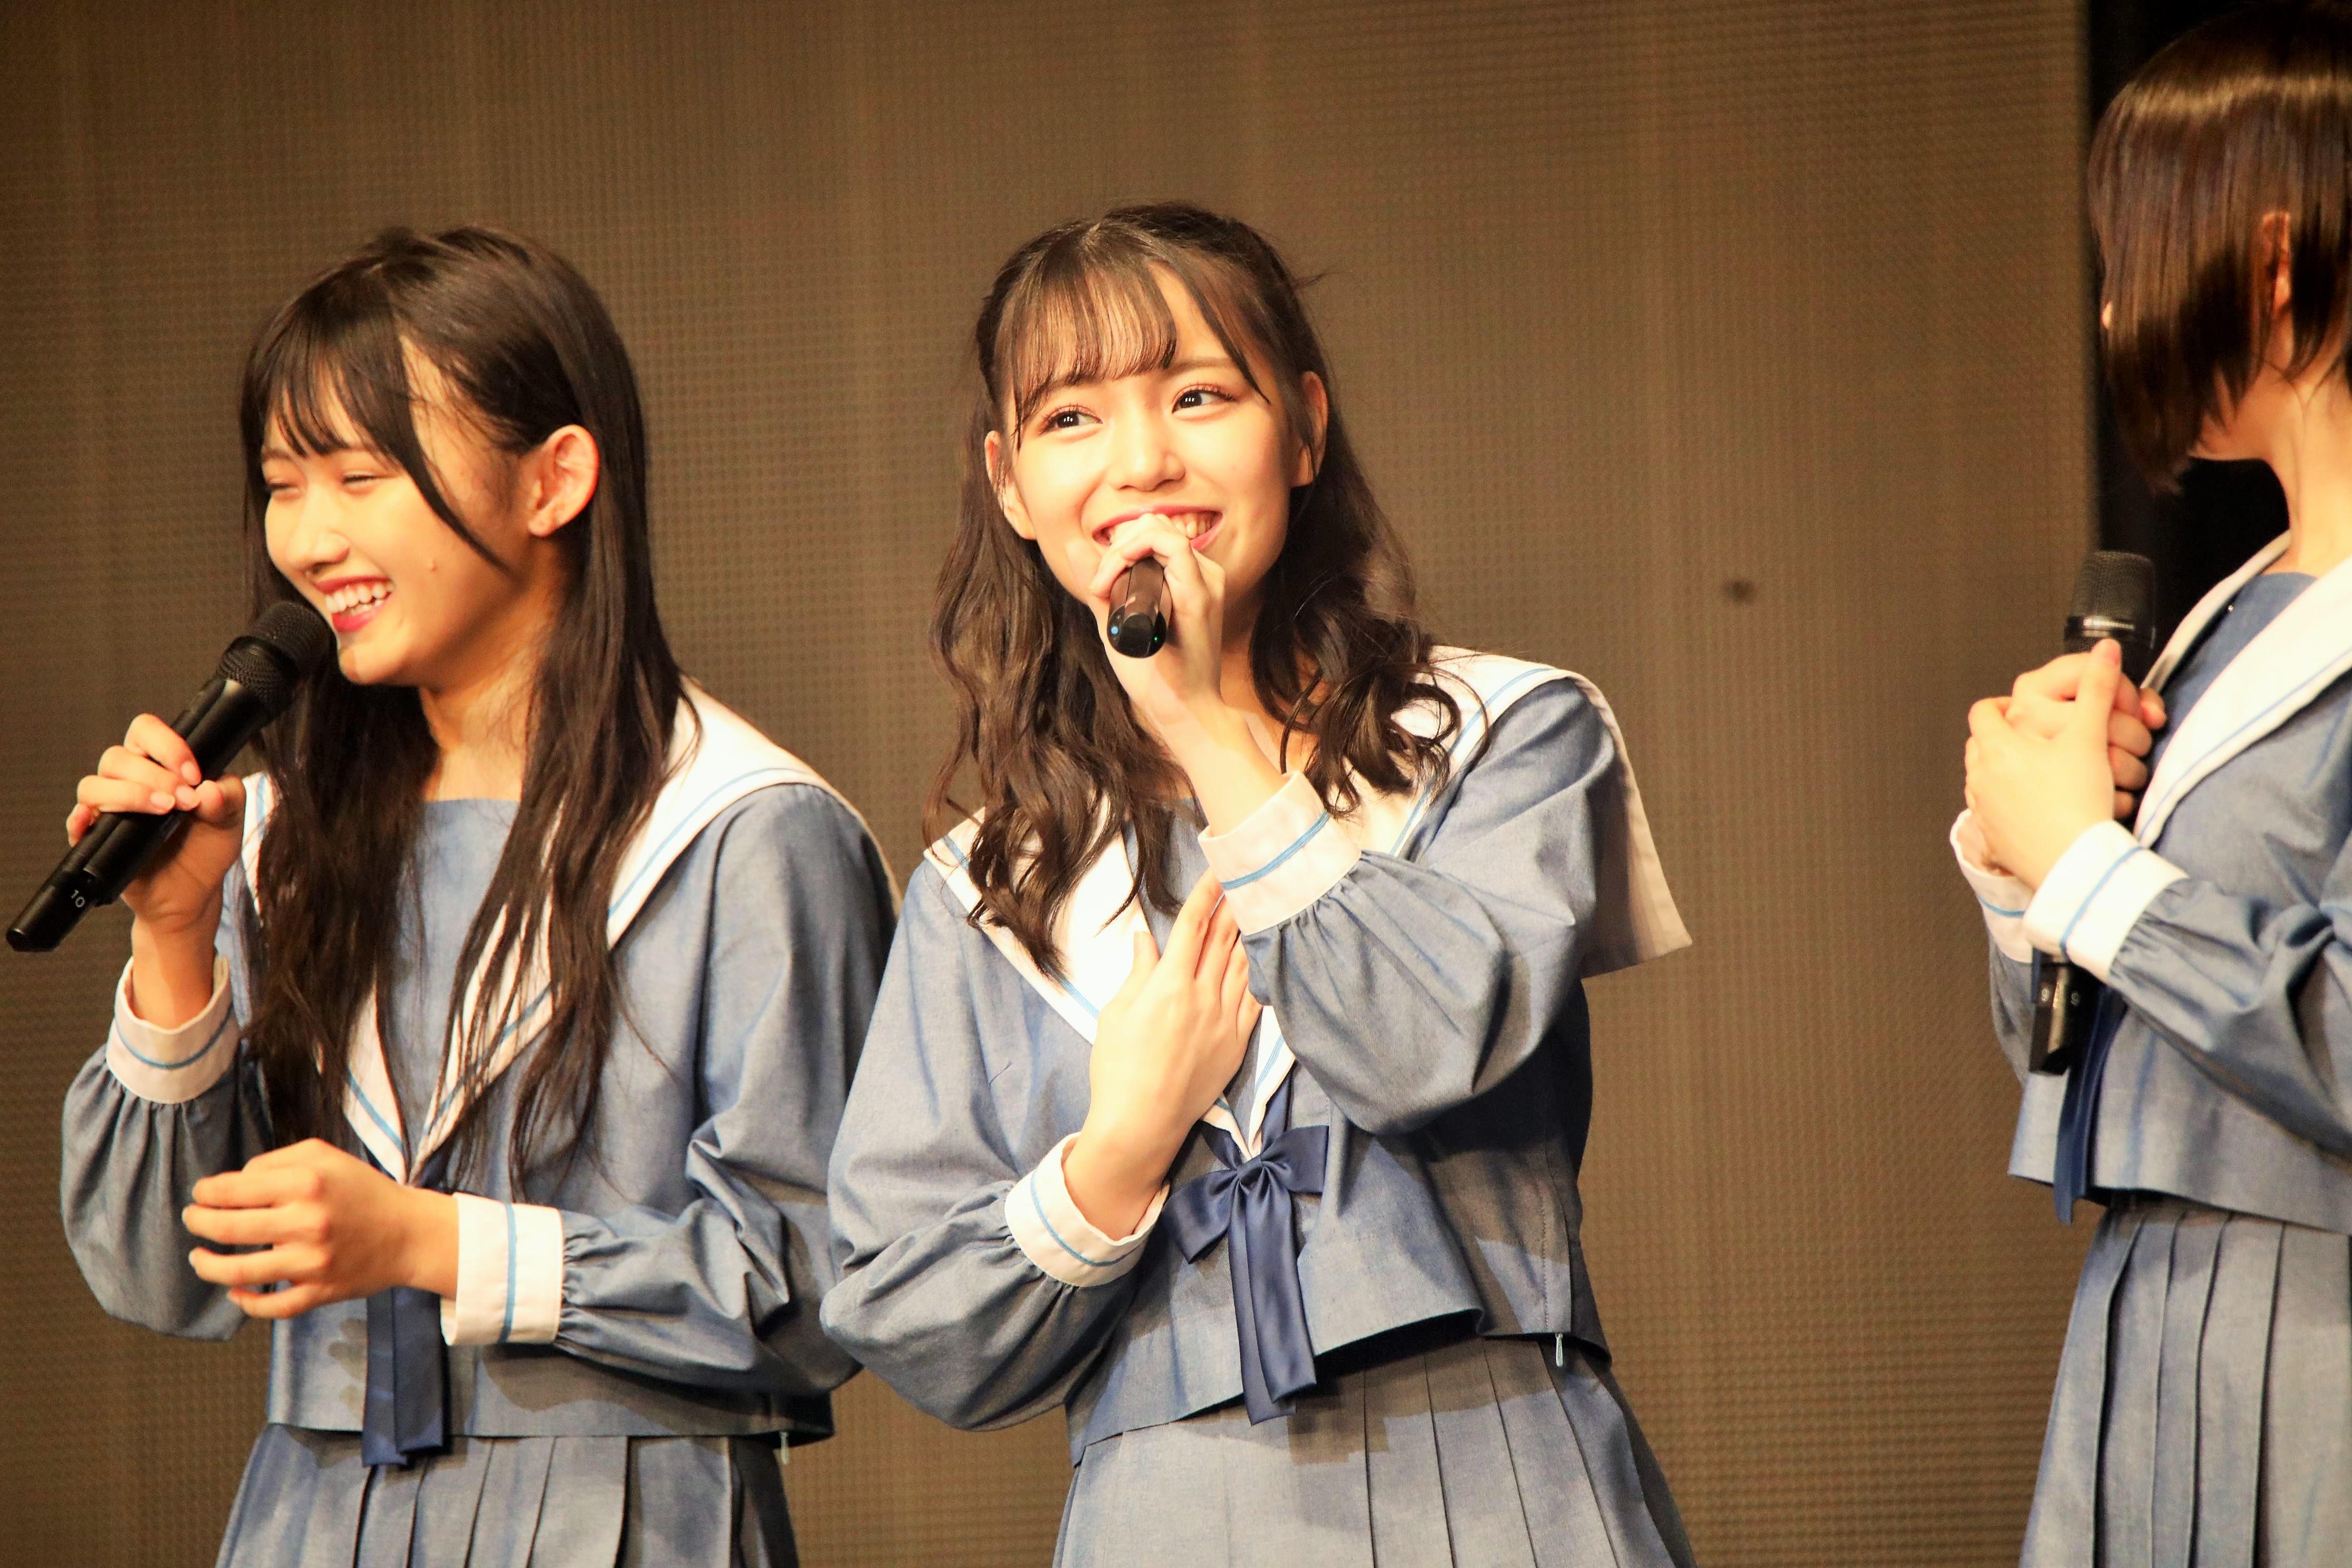 """STU48岩田陽菜「こんなに大きなステージで一人で立って、震えるくらい緊張しました!一人で立つということが""""おぉ!""""となるんだなと改めて感じました。皆さんもコール、ありがとうございました!」"""